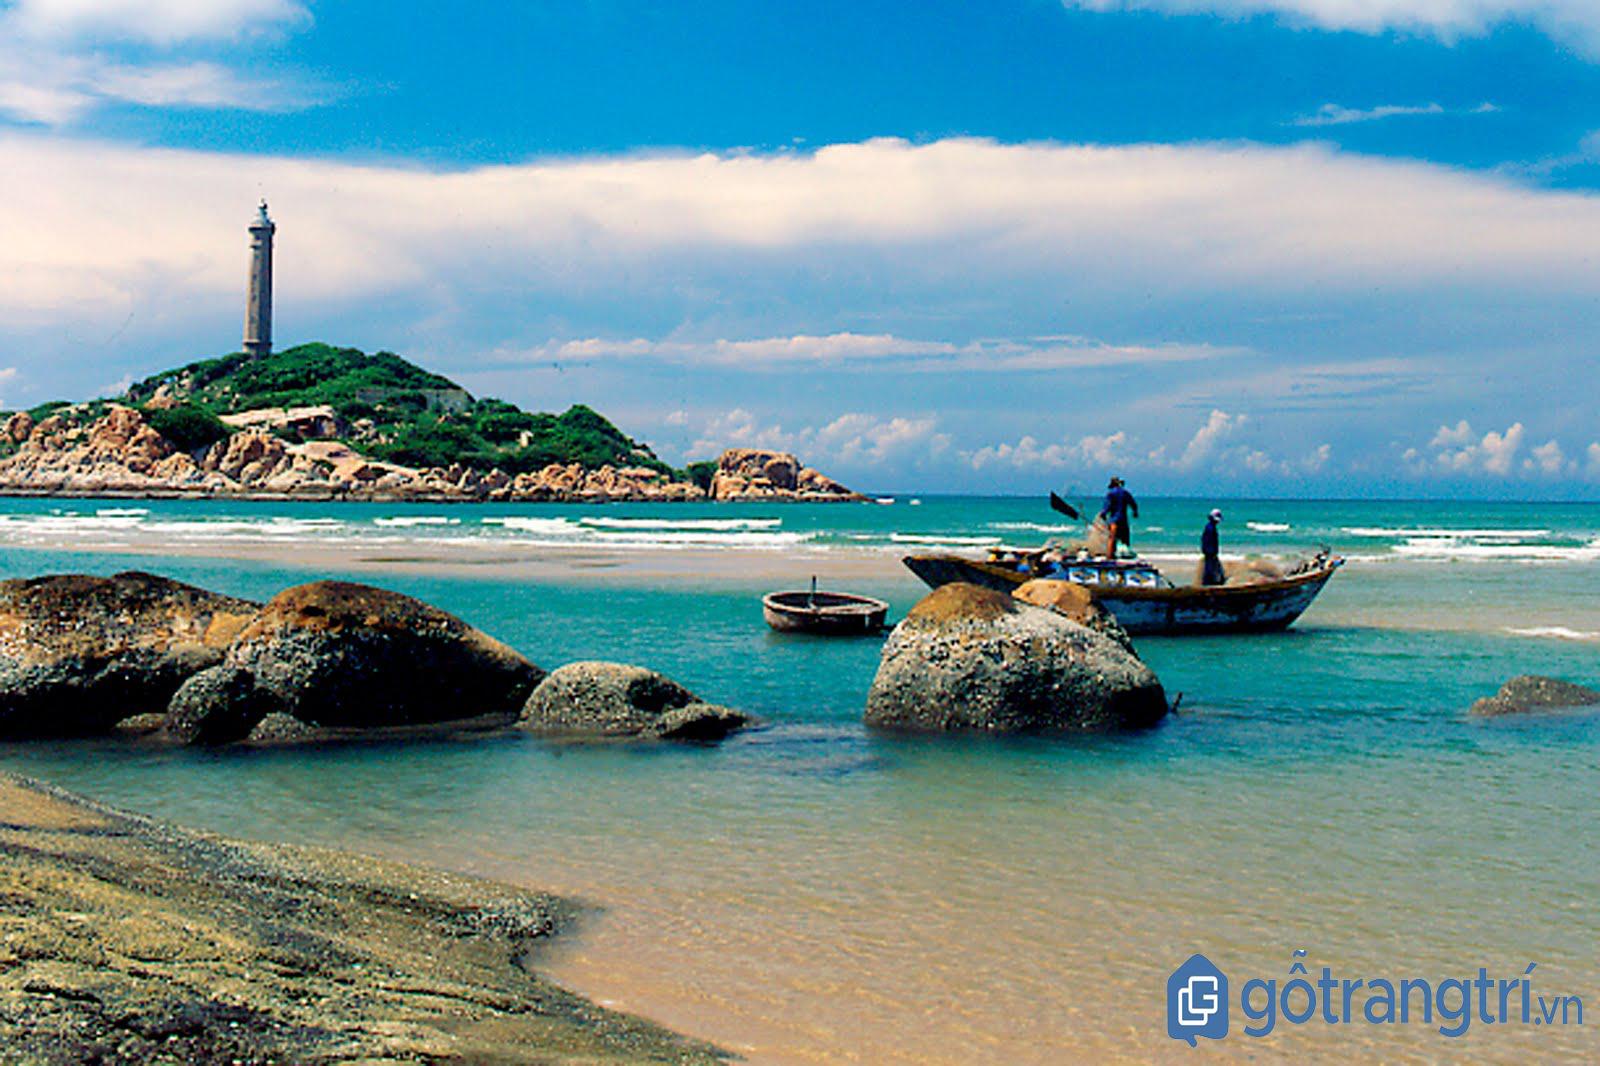 Ngọn hải đăng trên đảo Nam Du. (Ảnh: Internet)